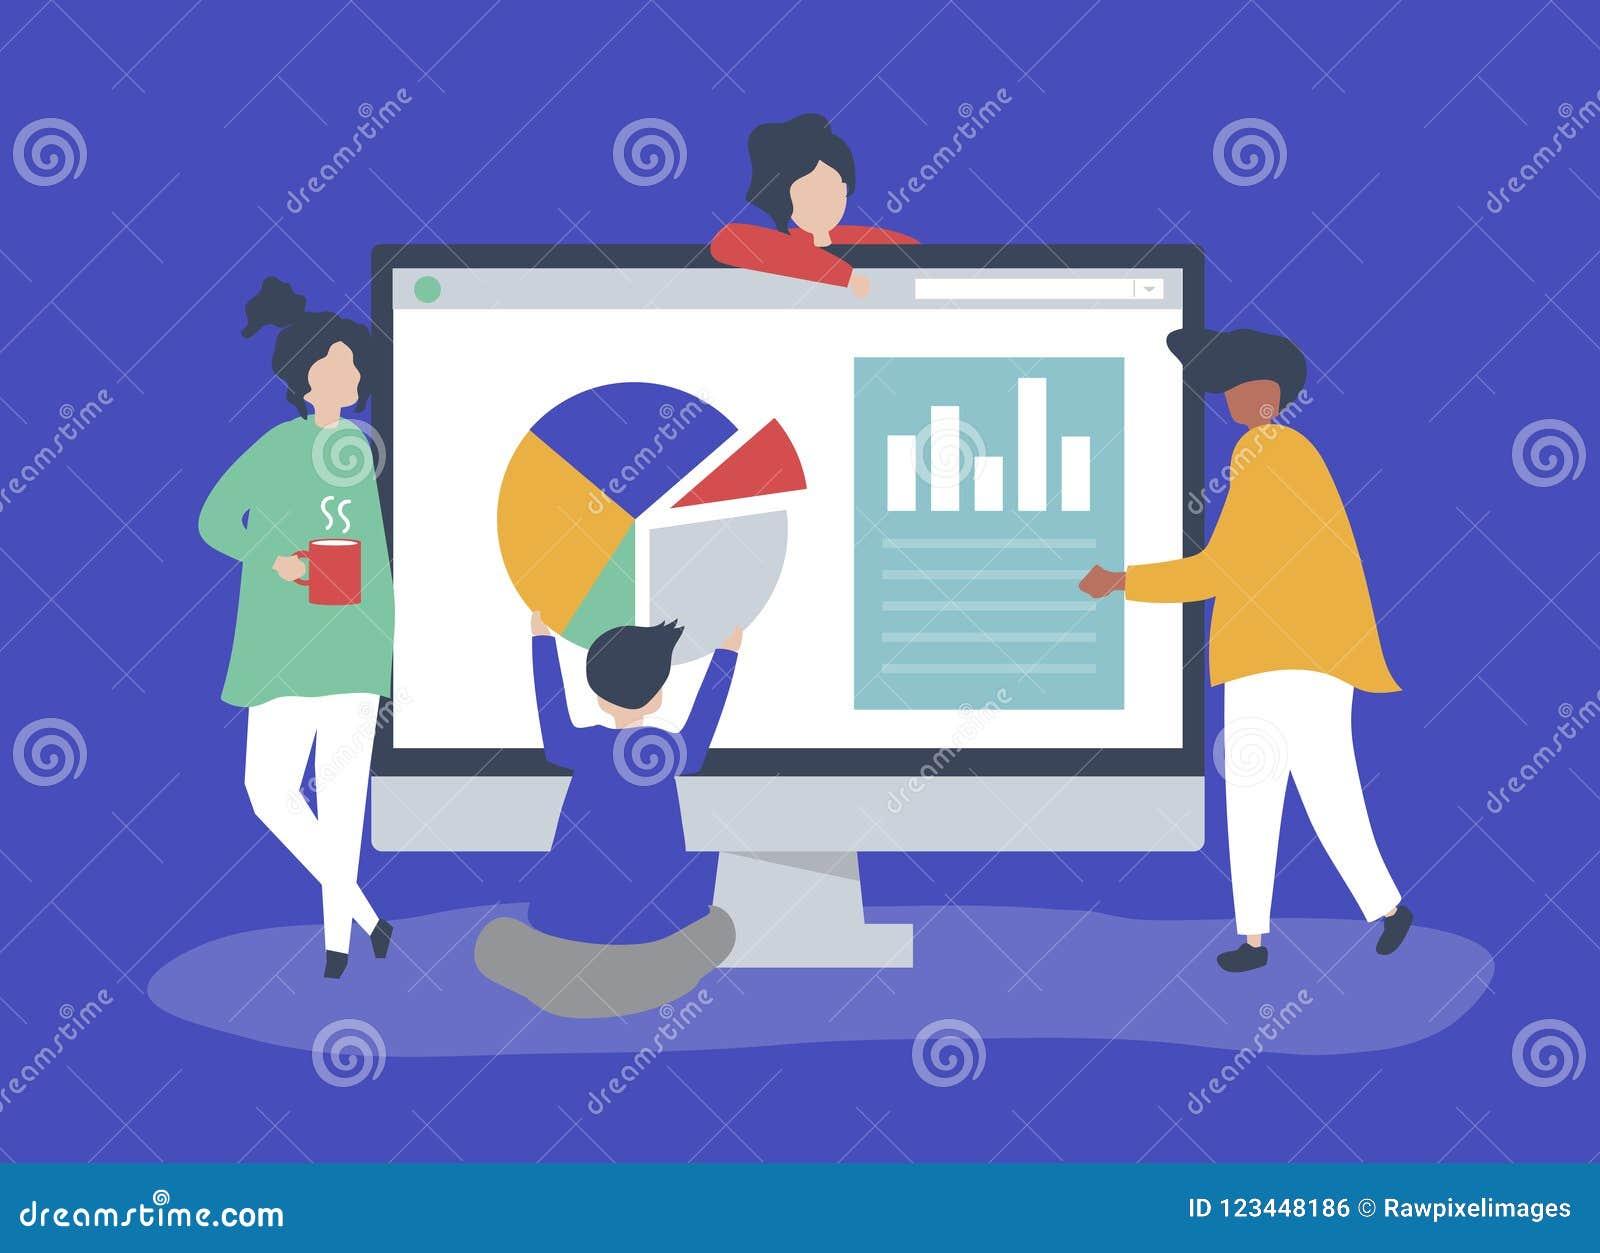 Caratteri della gente che analizza l illustrazione dei diagrammi e dei grafici